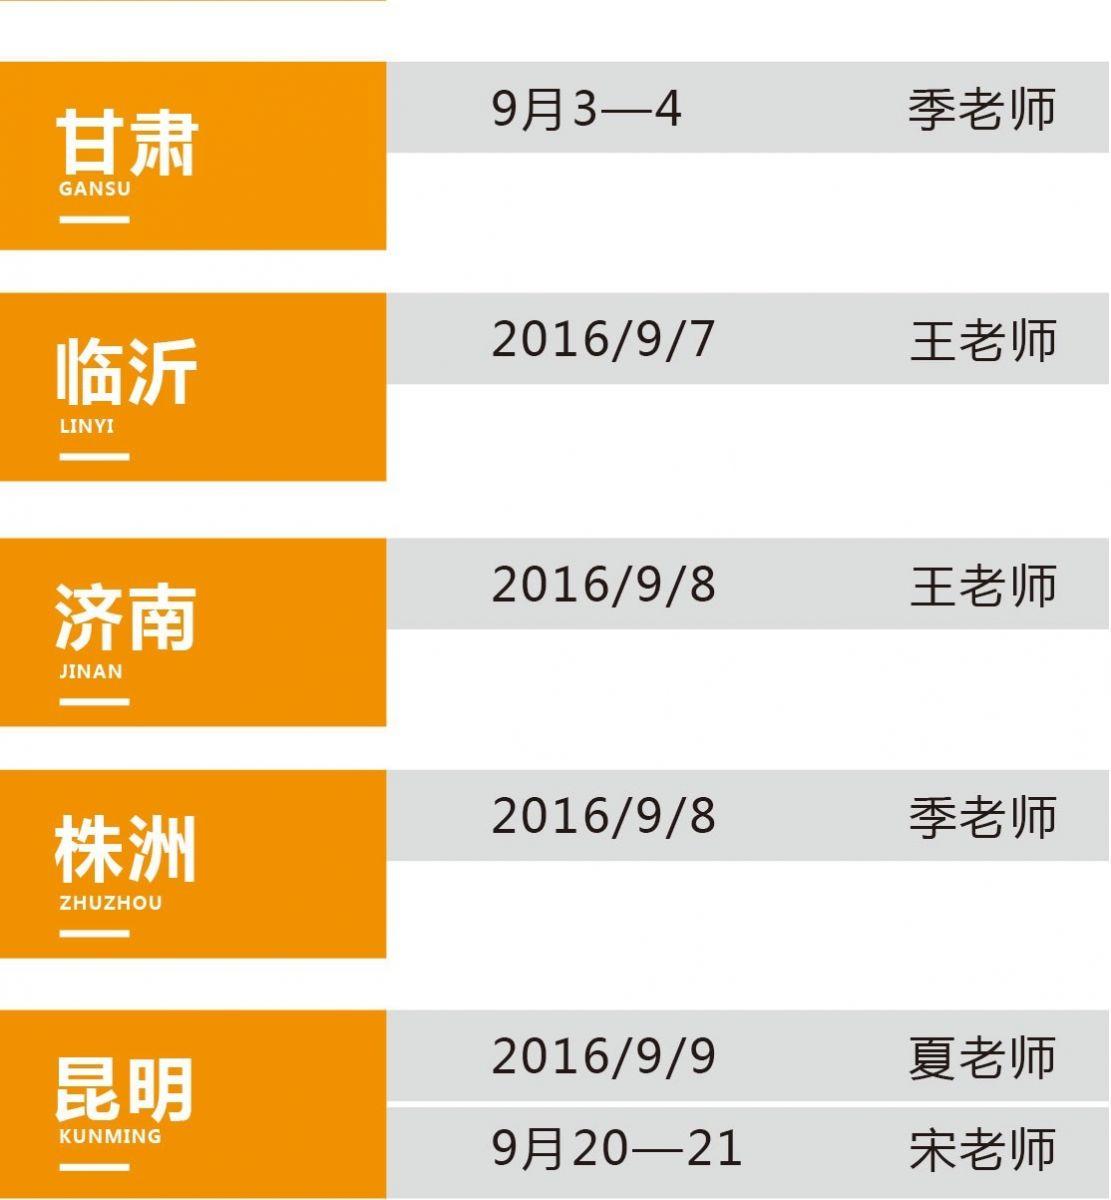 华一世纪9月份《股权激励导入班》课程表(图3)